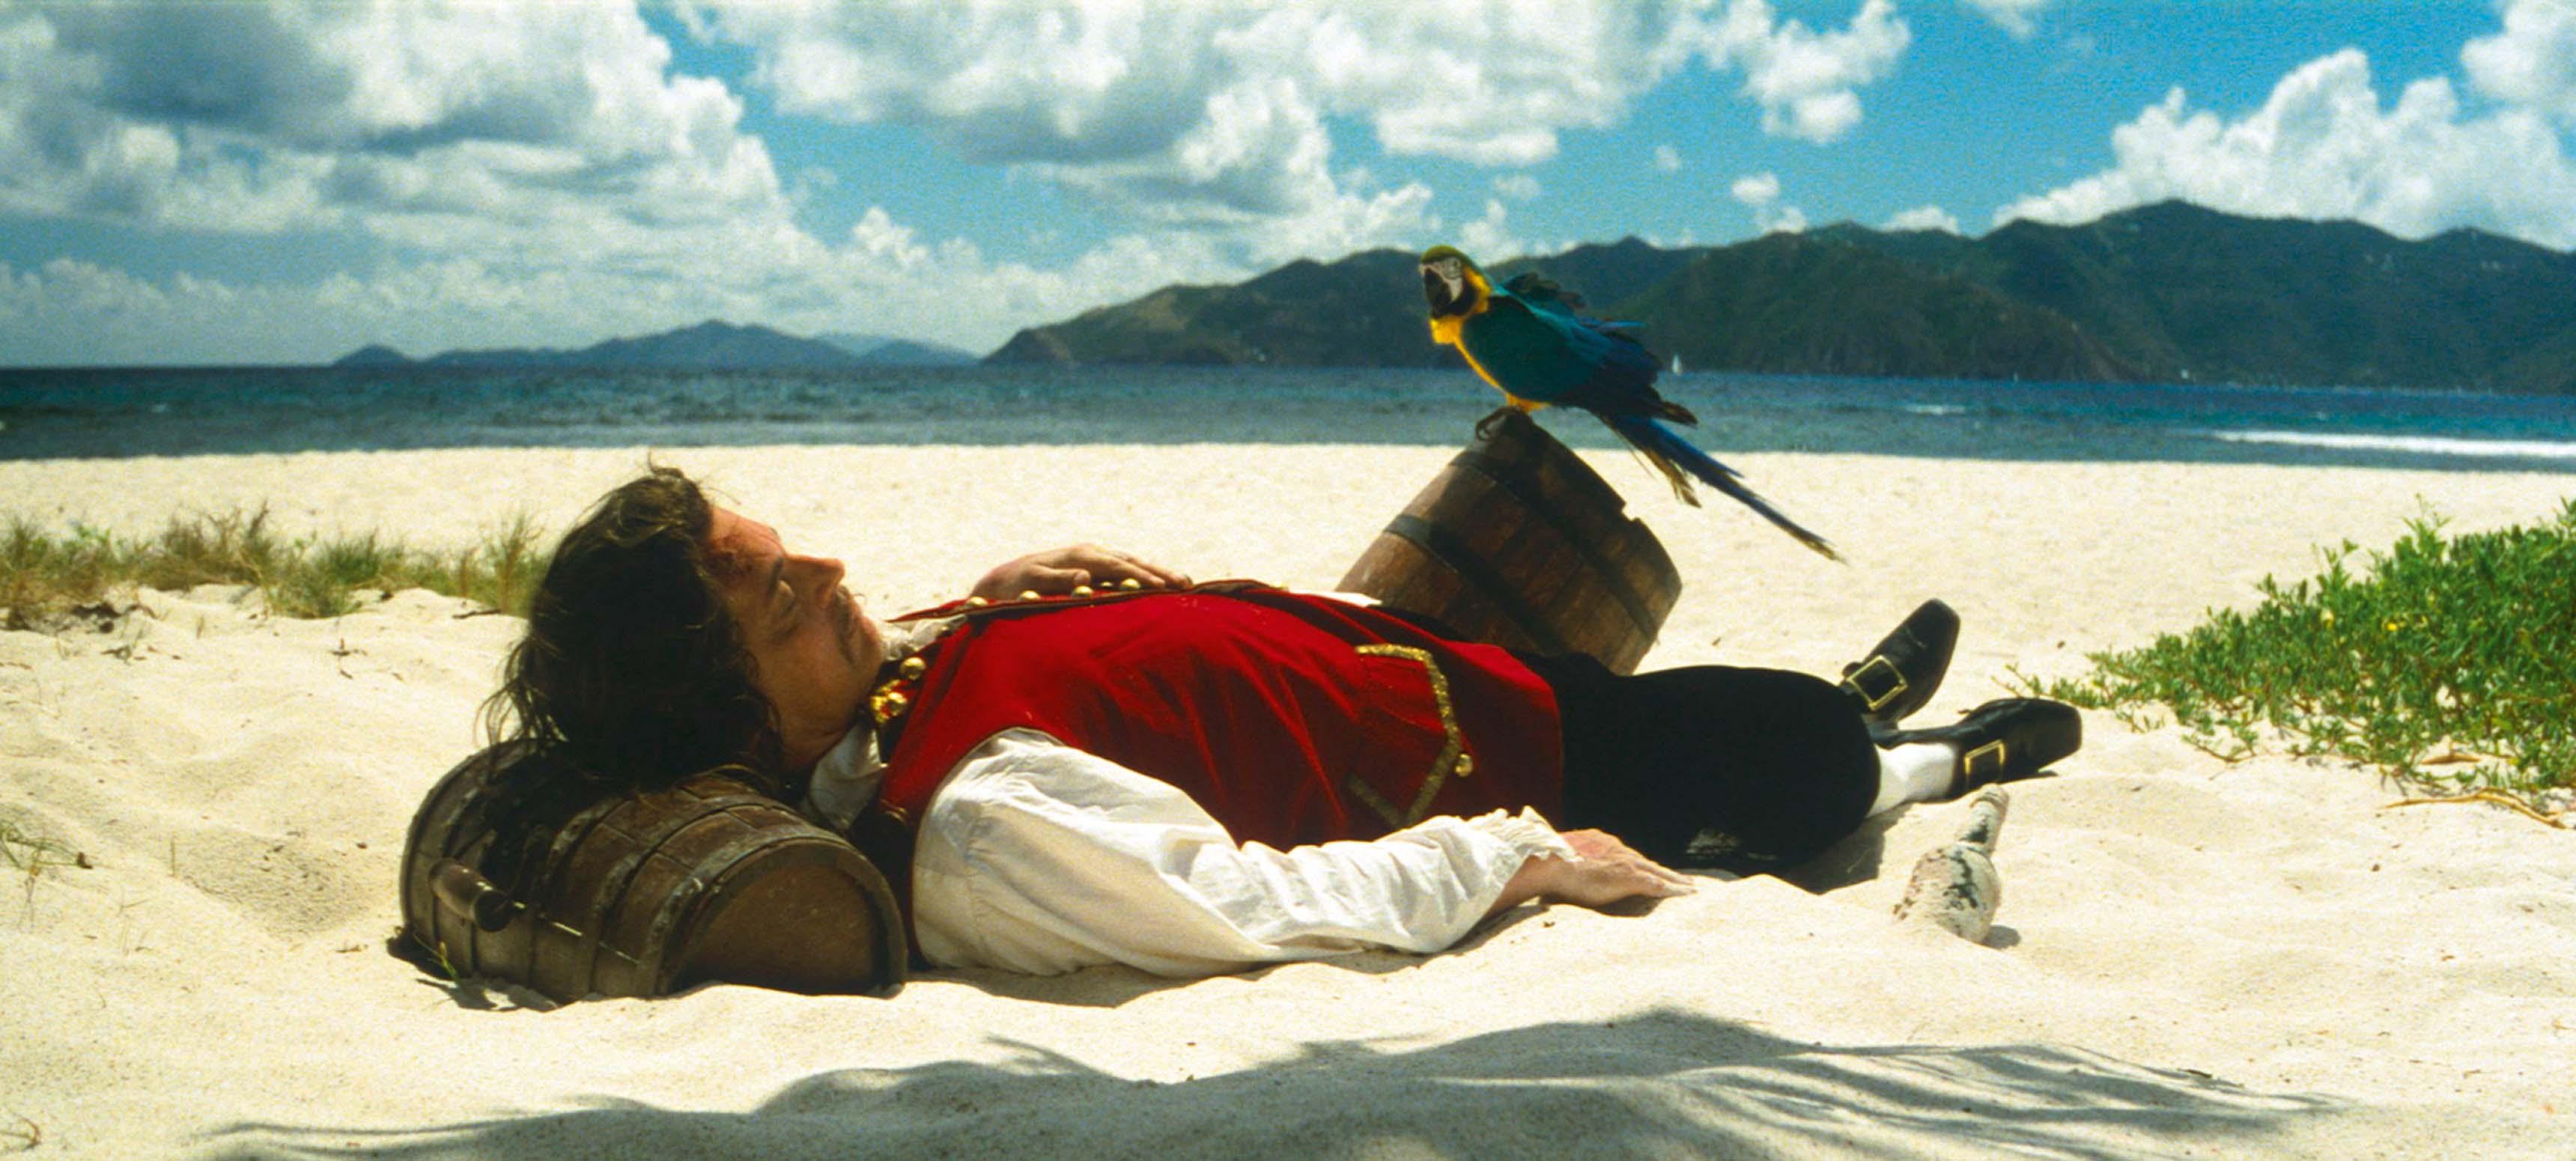 Vexation Island, film de 9 minutes en boucle (DVD 1997), de Rodney Graham.